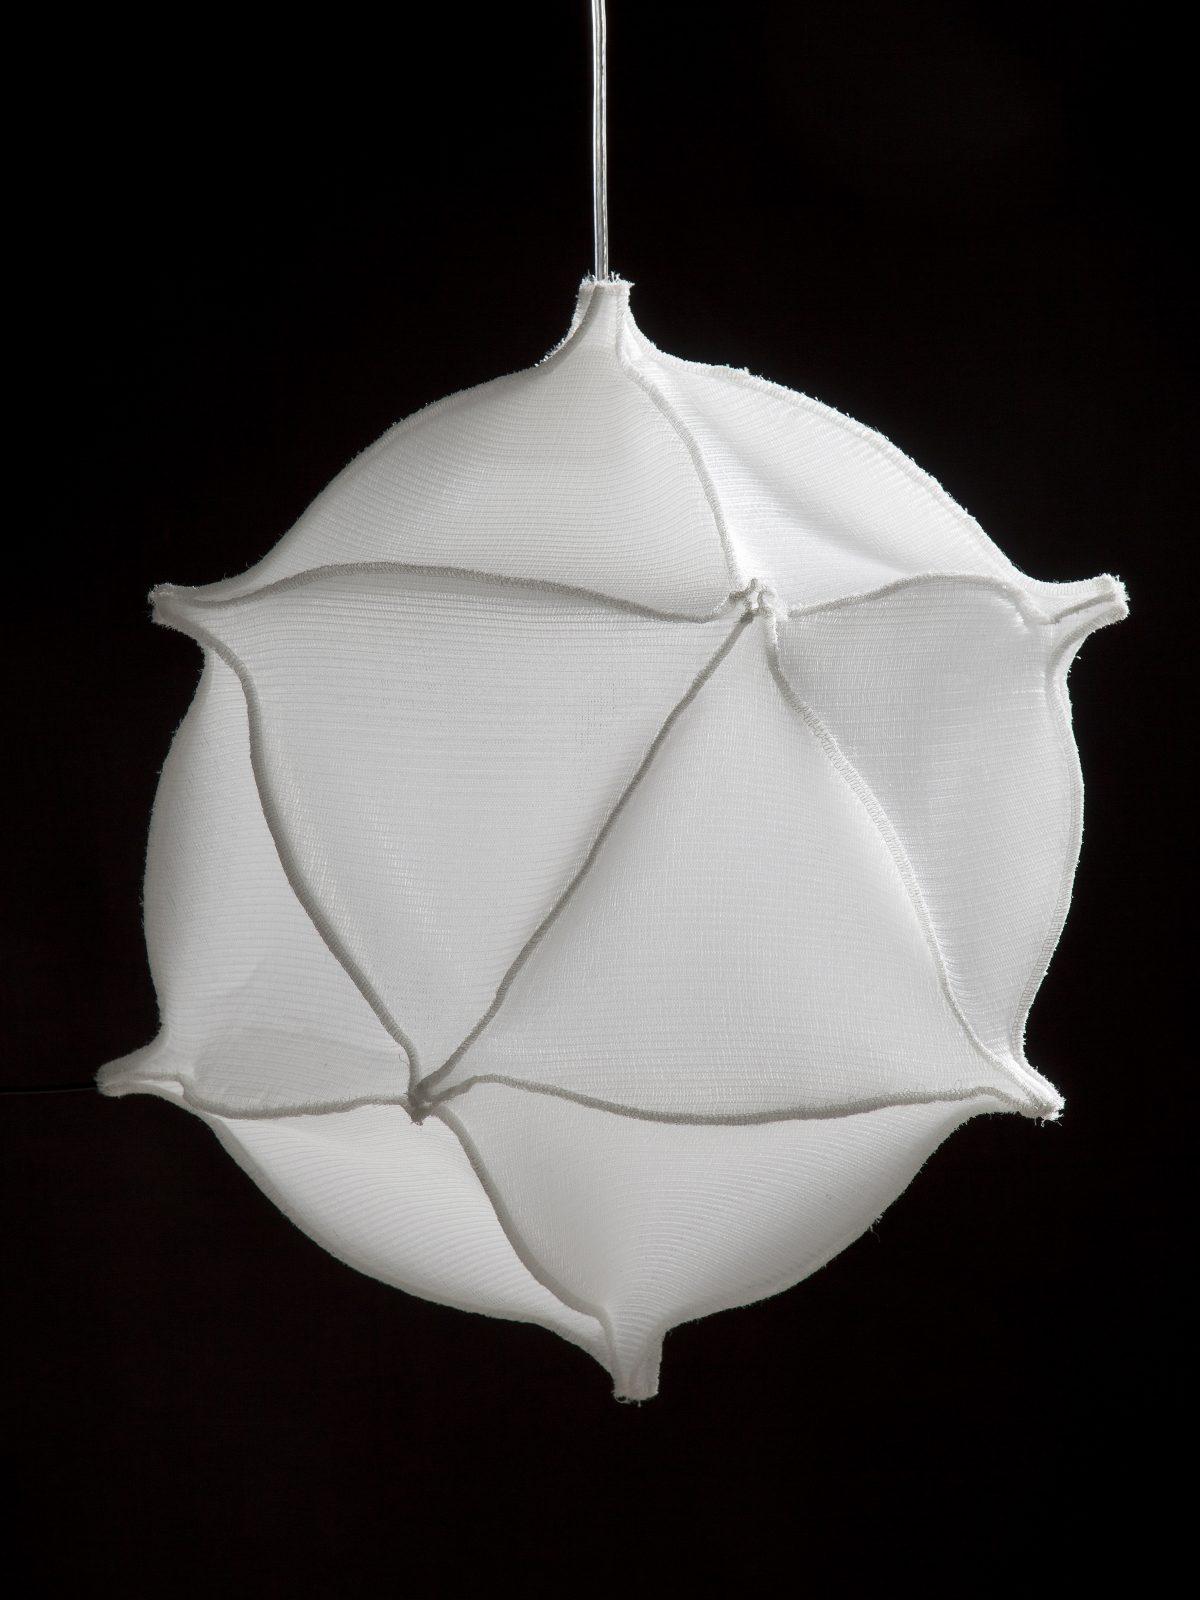 Radiolaria Metamorphosus lucidus reversus hanglamp van Bernotat